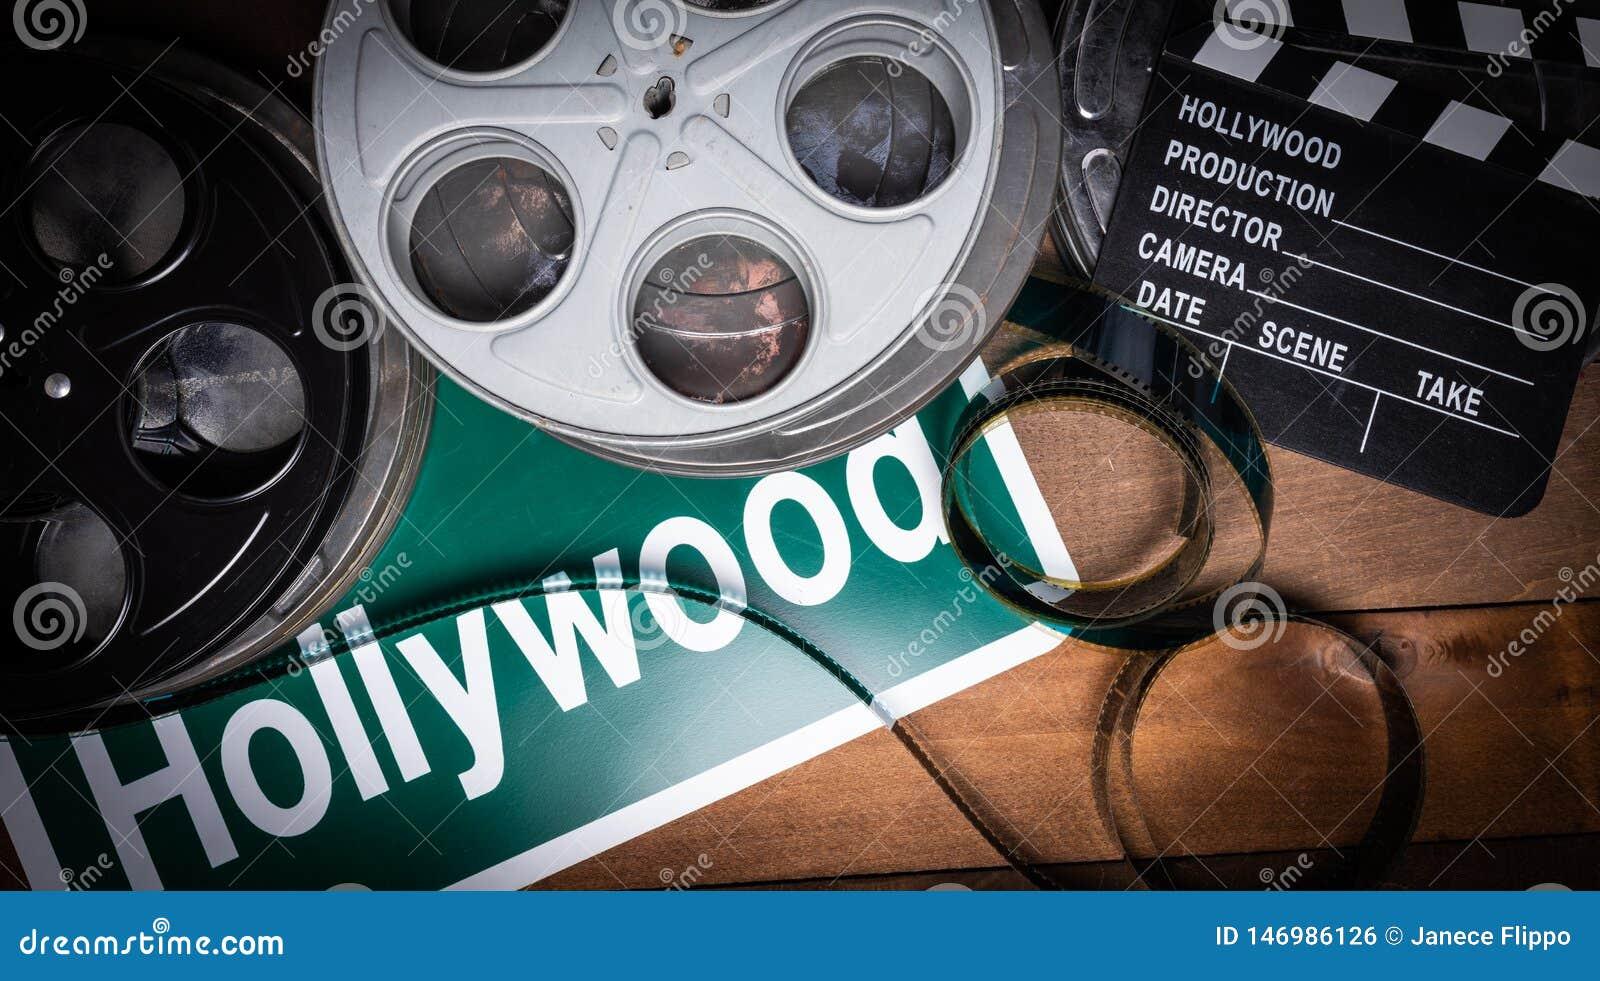 Вьюрок фильма и clapboard Голливуд, предпосылка индустрии развлечений на деревянной таблице